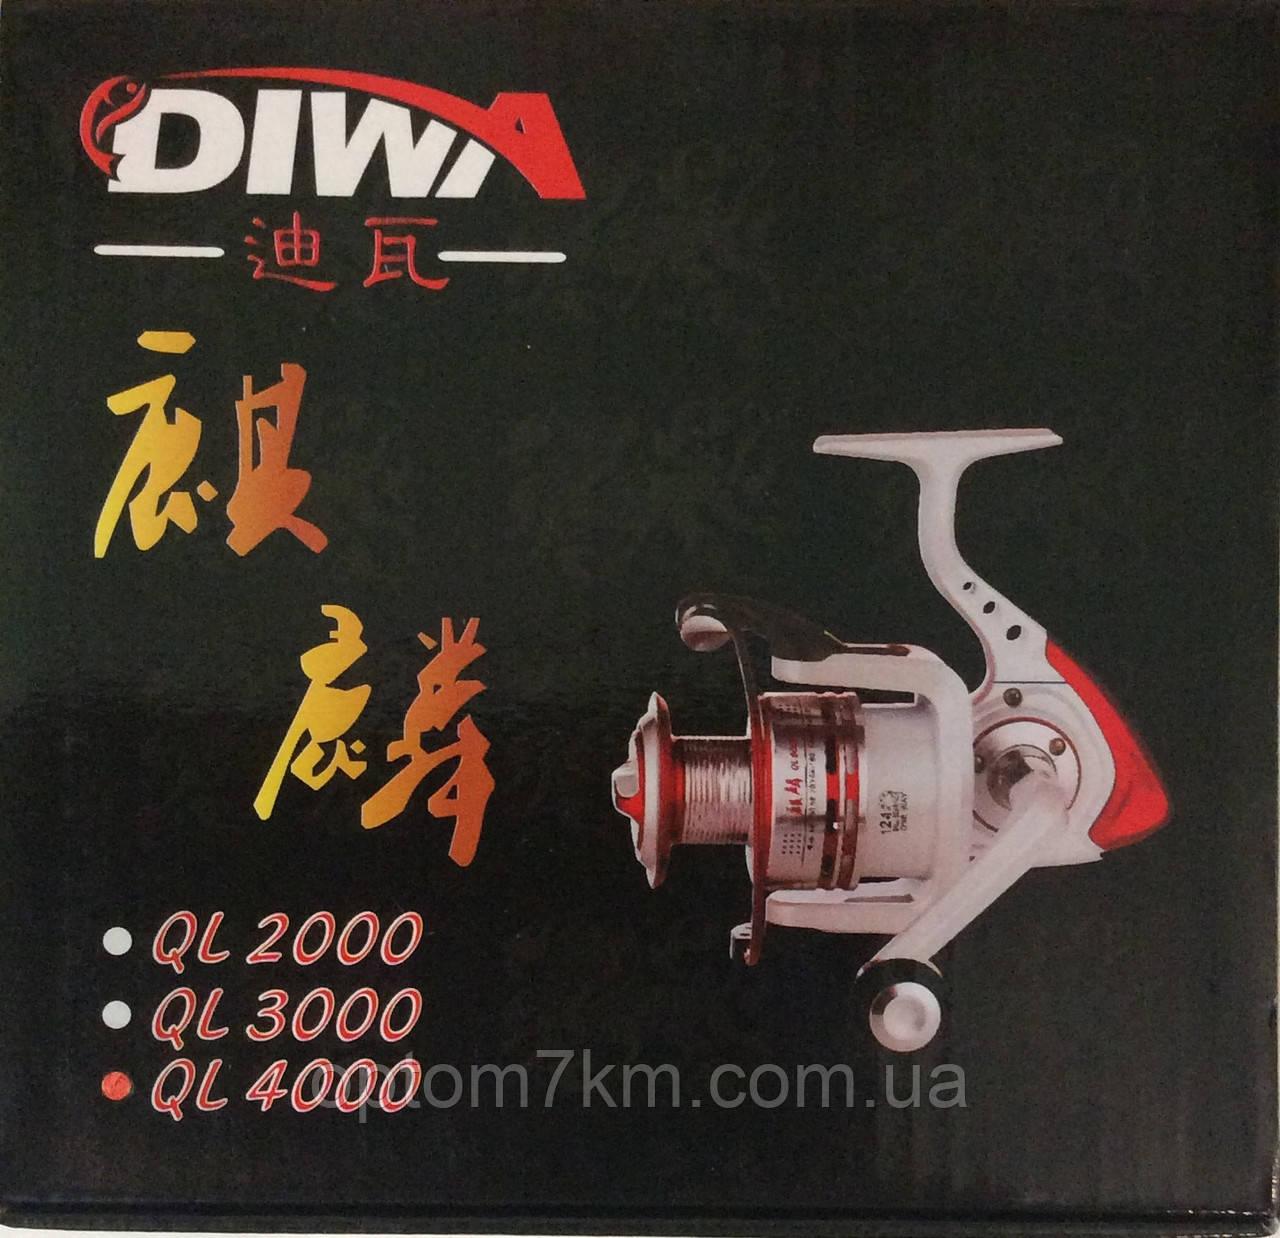 Катушка DIWA QL3000 12+1bb